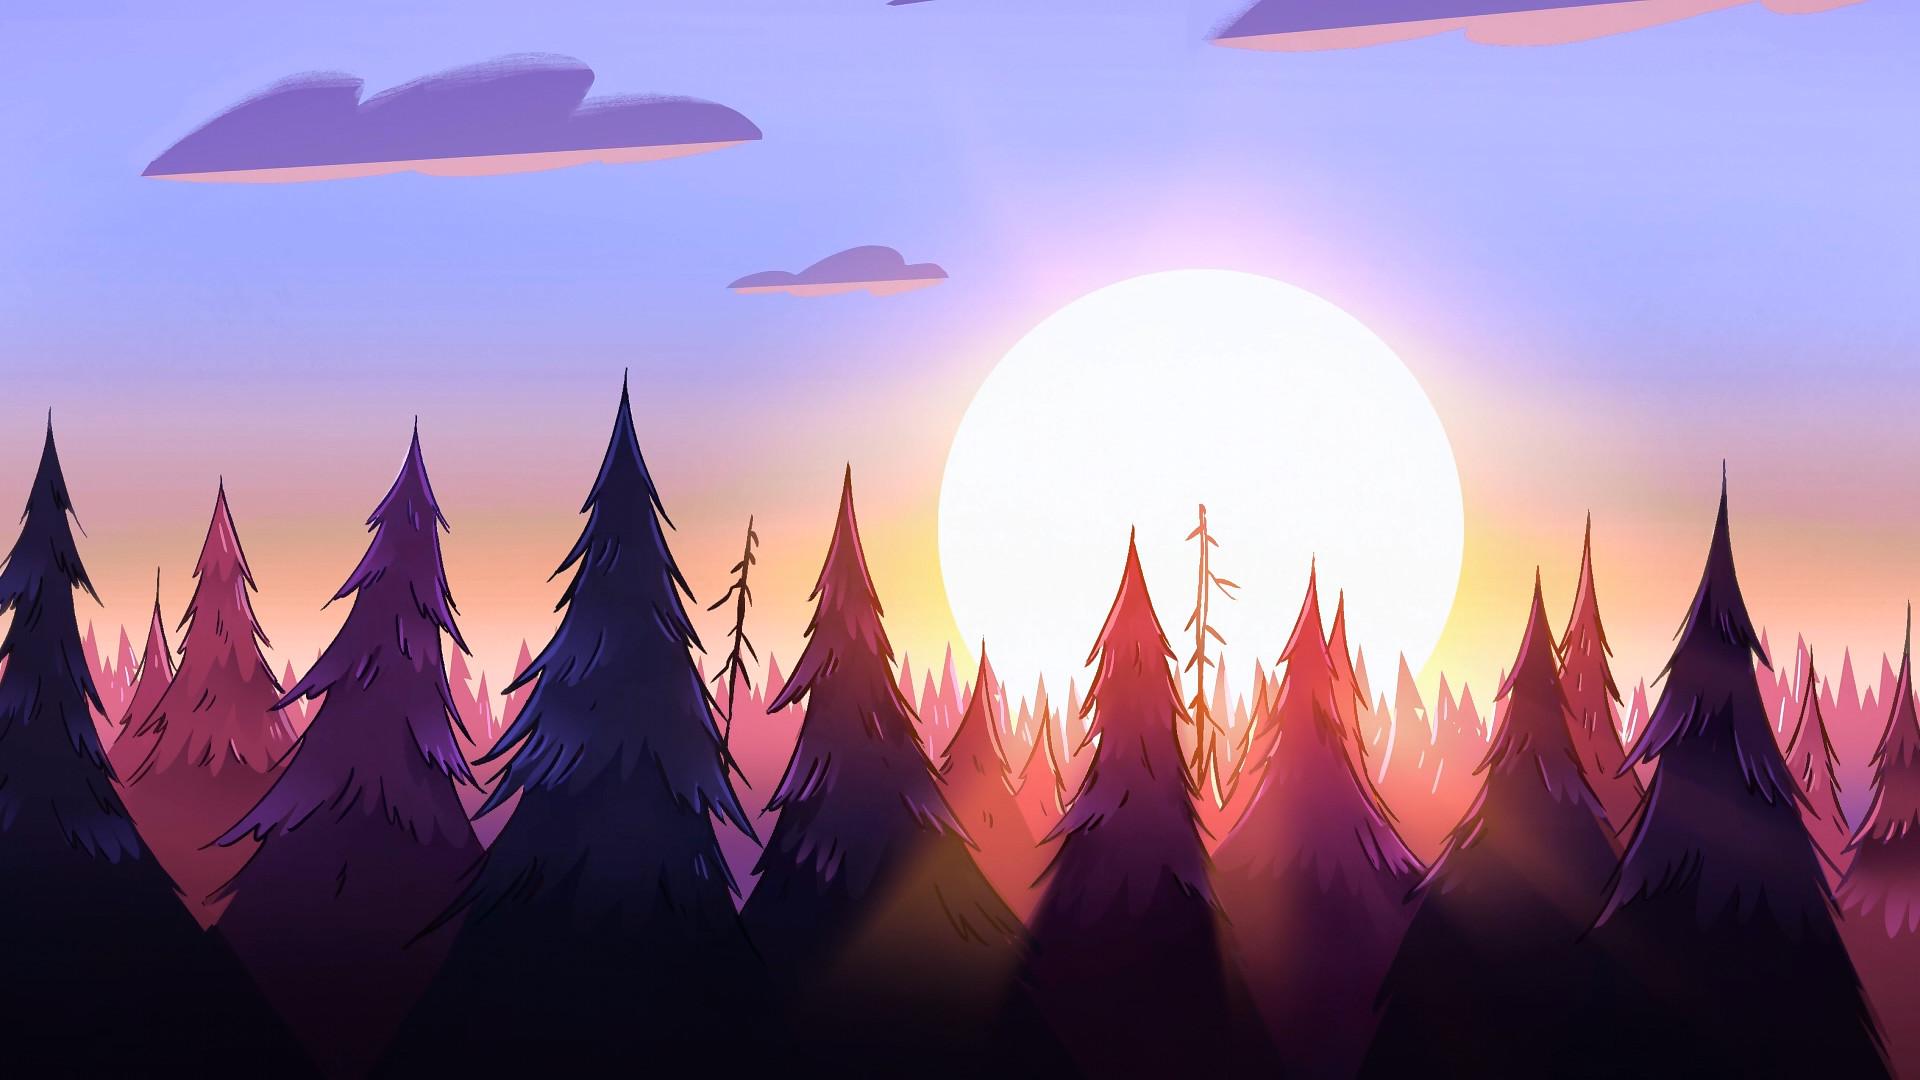 Gravity Falls HD Wallpapers for desktop download